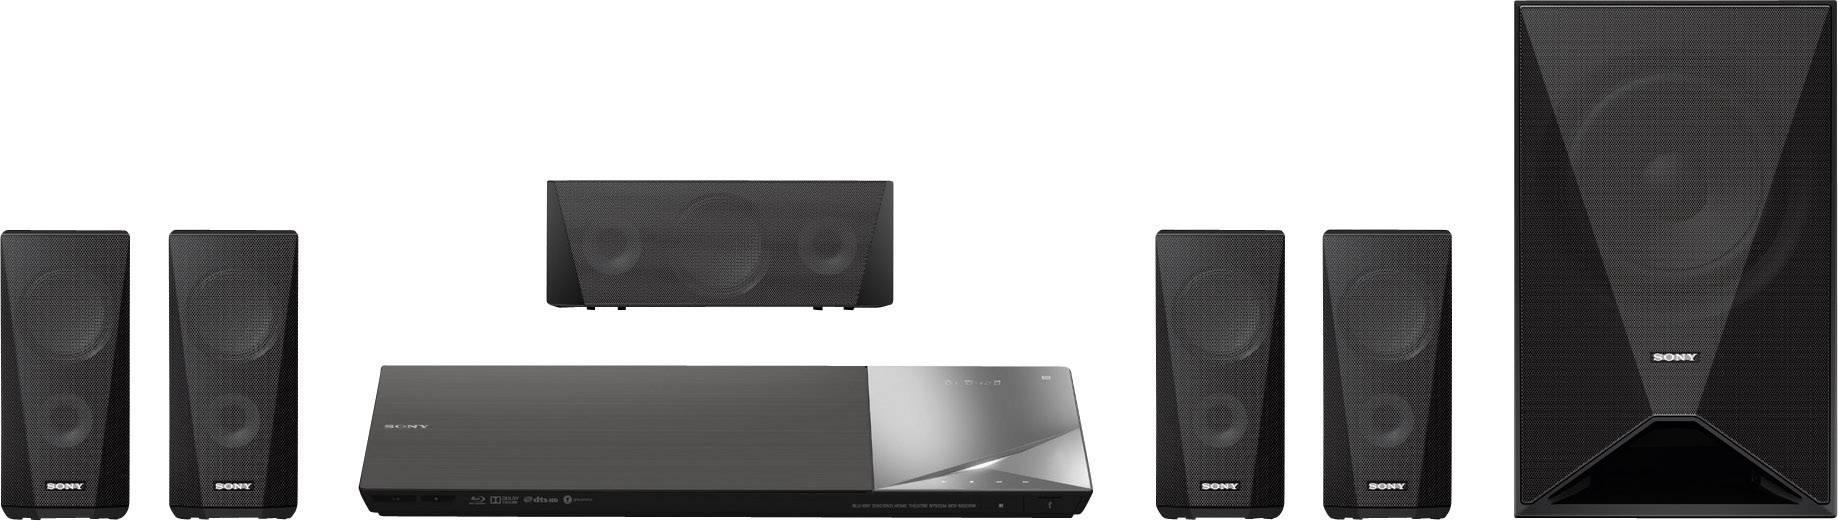 5.1 systém domácího kina s 3D Blu-ray Sony BDV-N5200W 1000 W černá